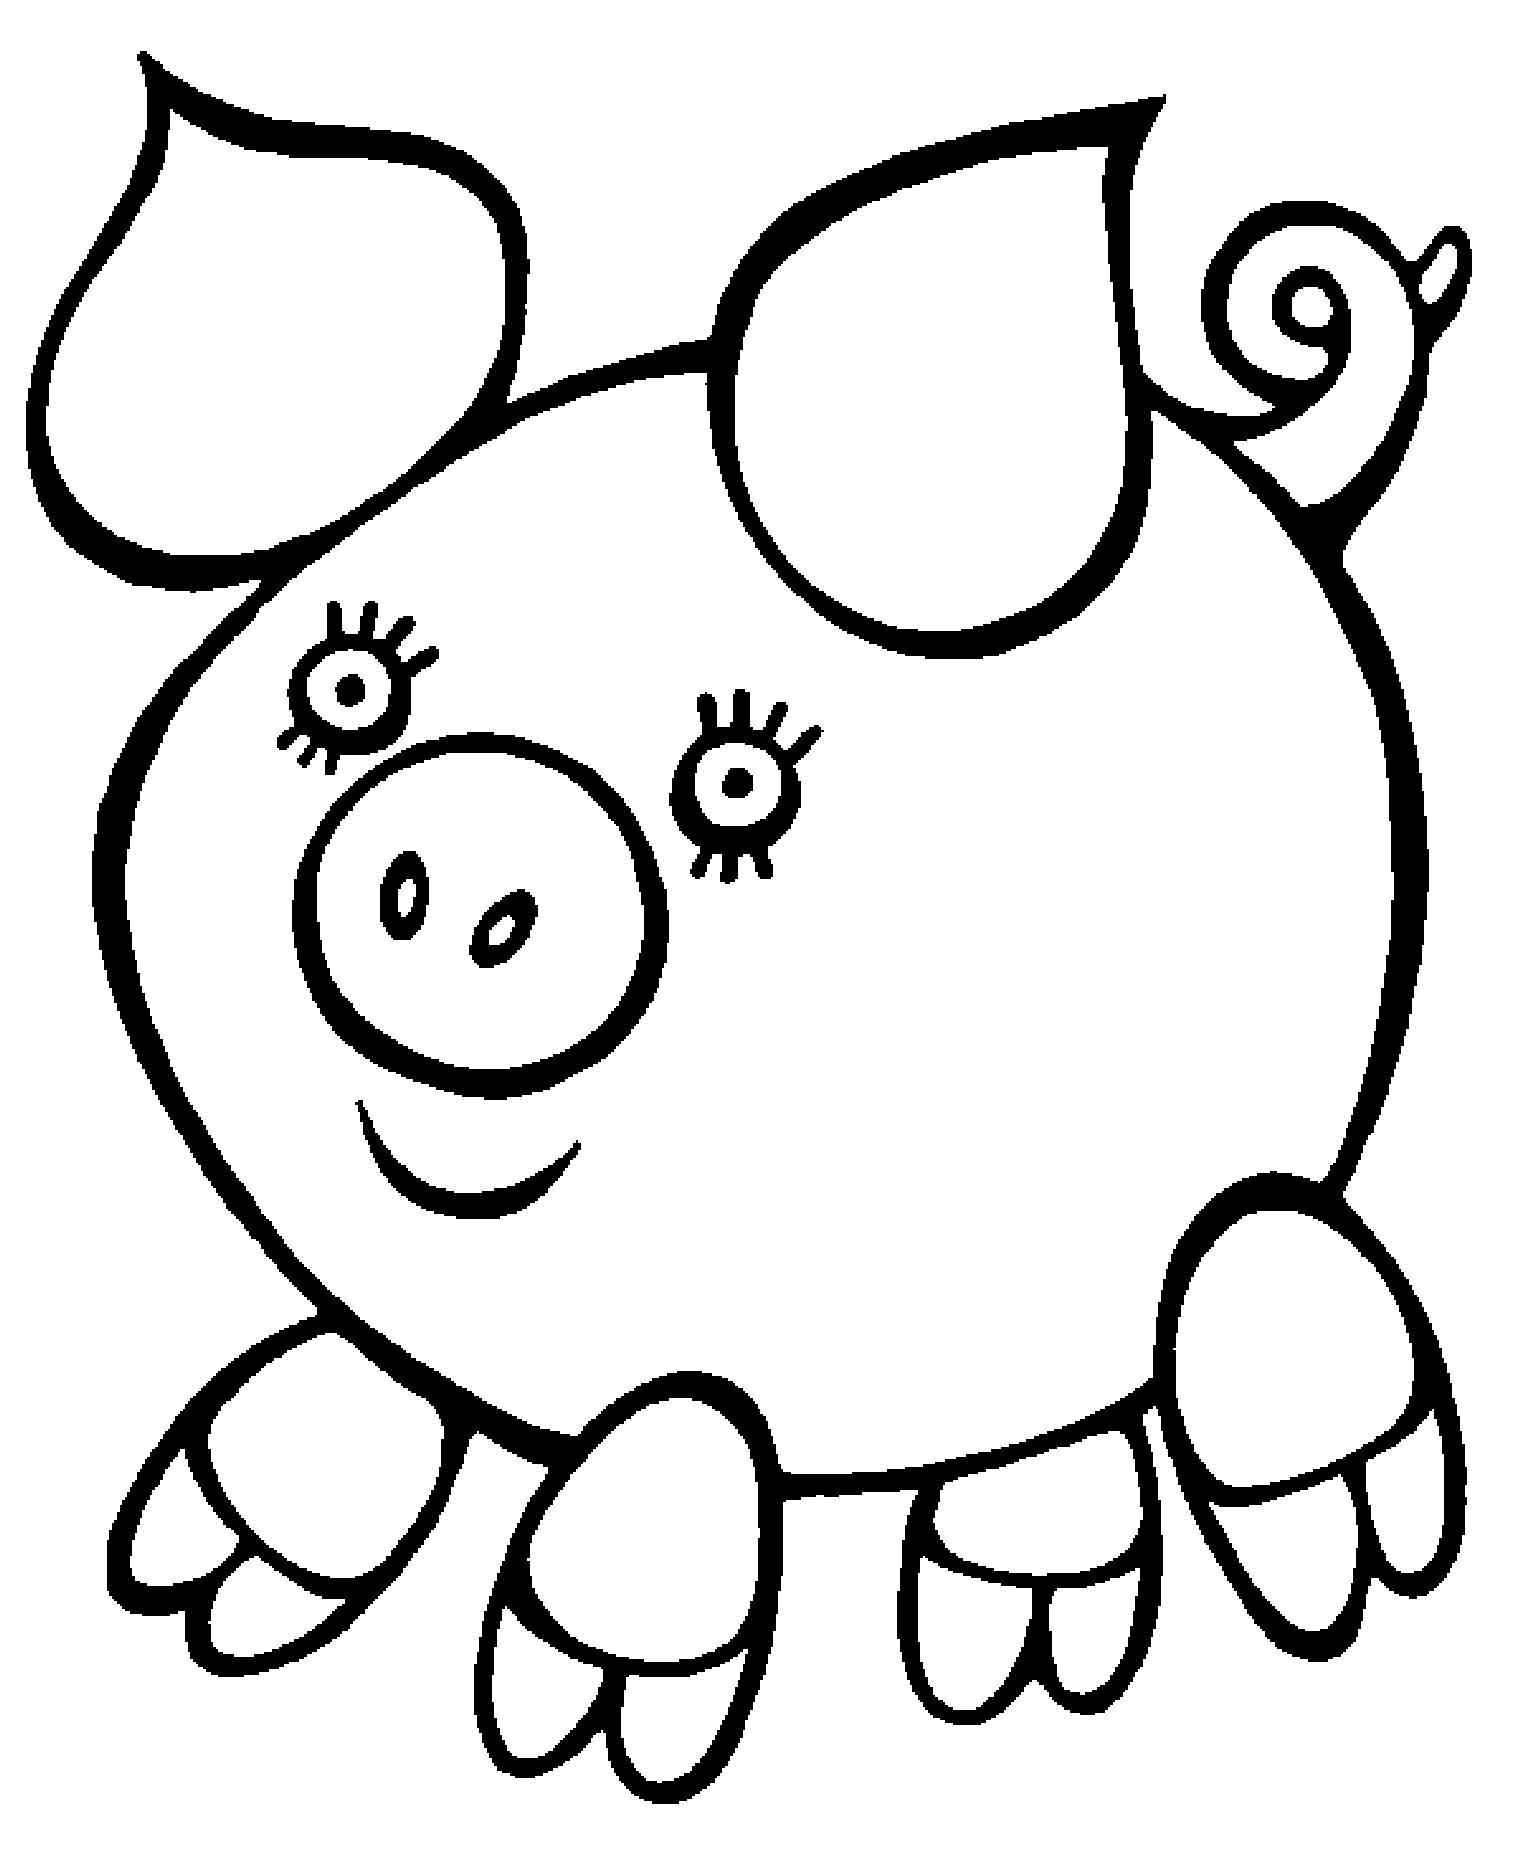 Раскраски для детей от 3 лет. Часть 2 - Моя семейка | Детские ... | 1864x1520